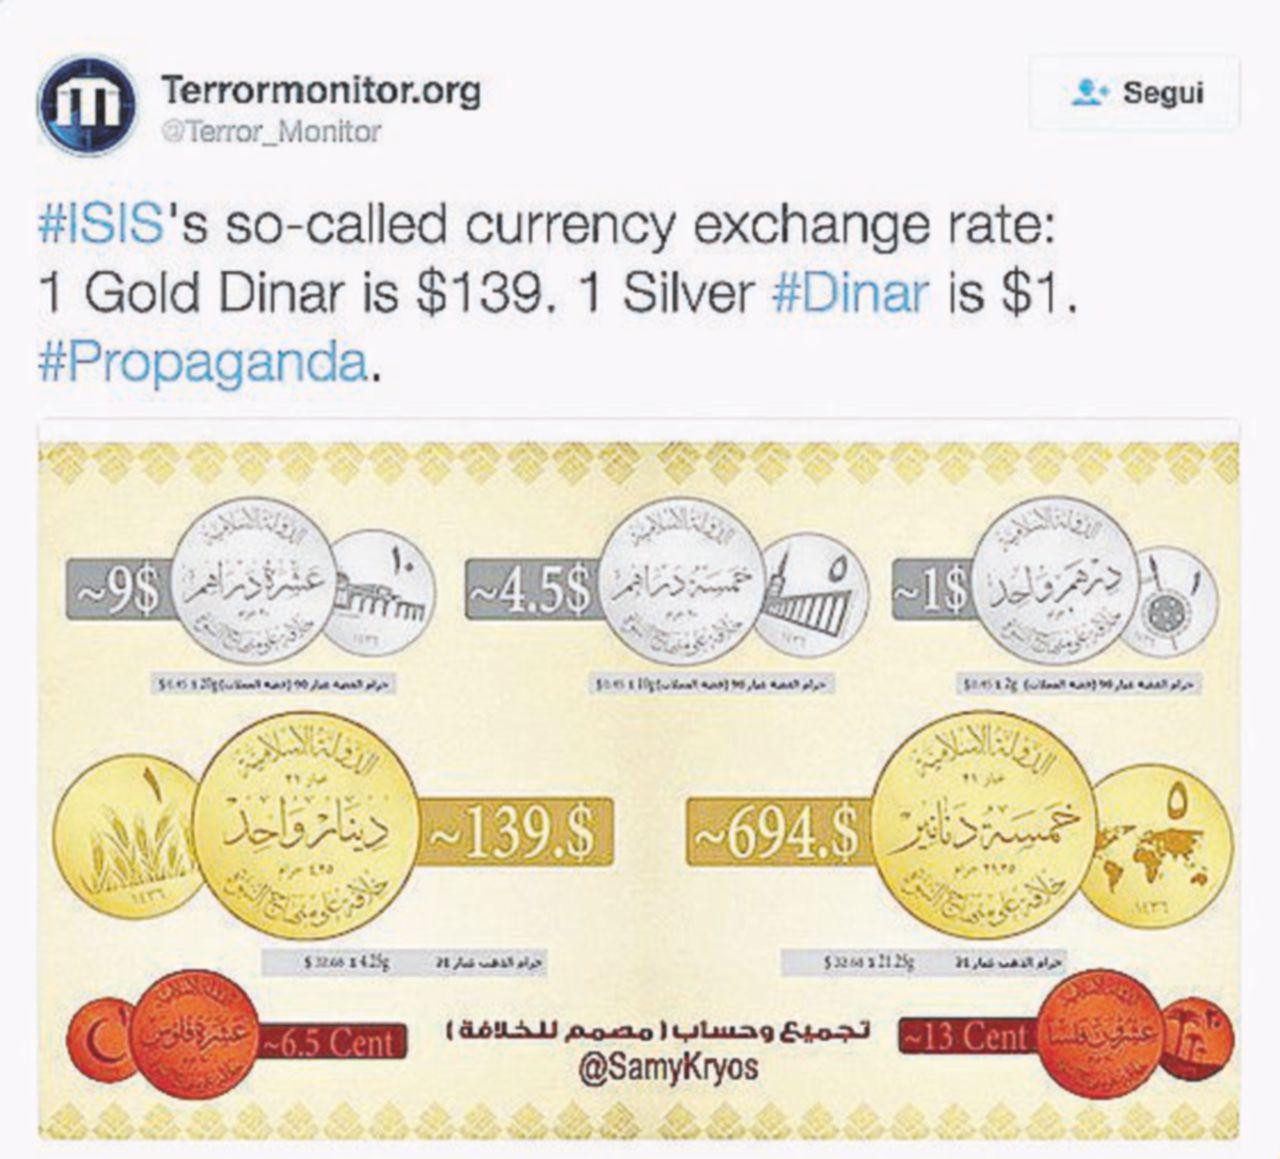 Altro che monete del Califfo, a Raqqa le multe si devono pagare in dollari